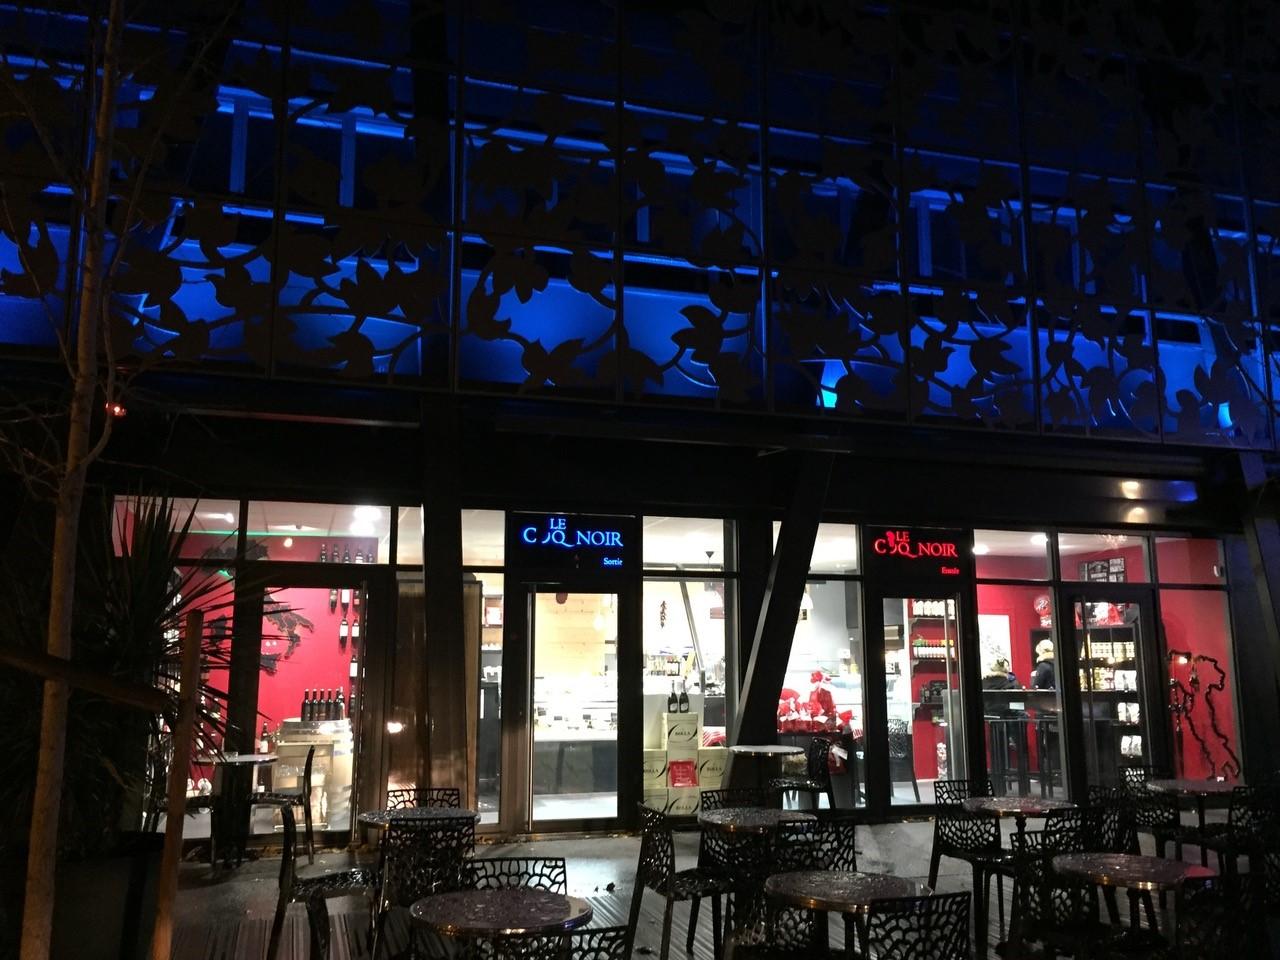 dimitri-danger-architecte-restaurant-pizzeria-caen05